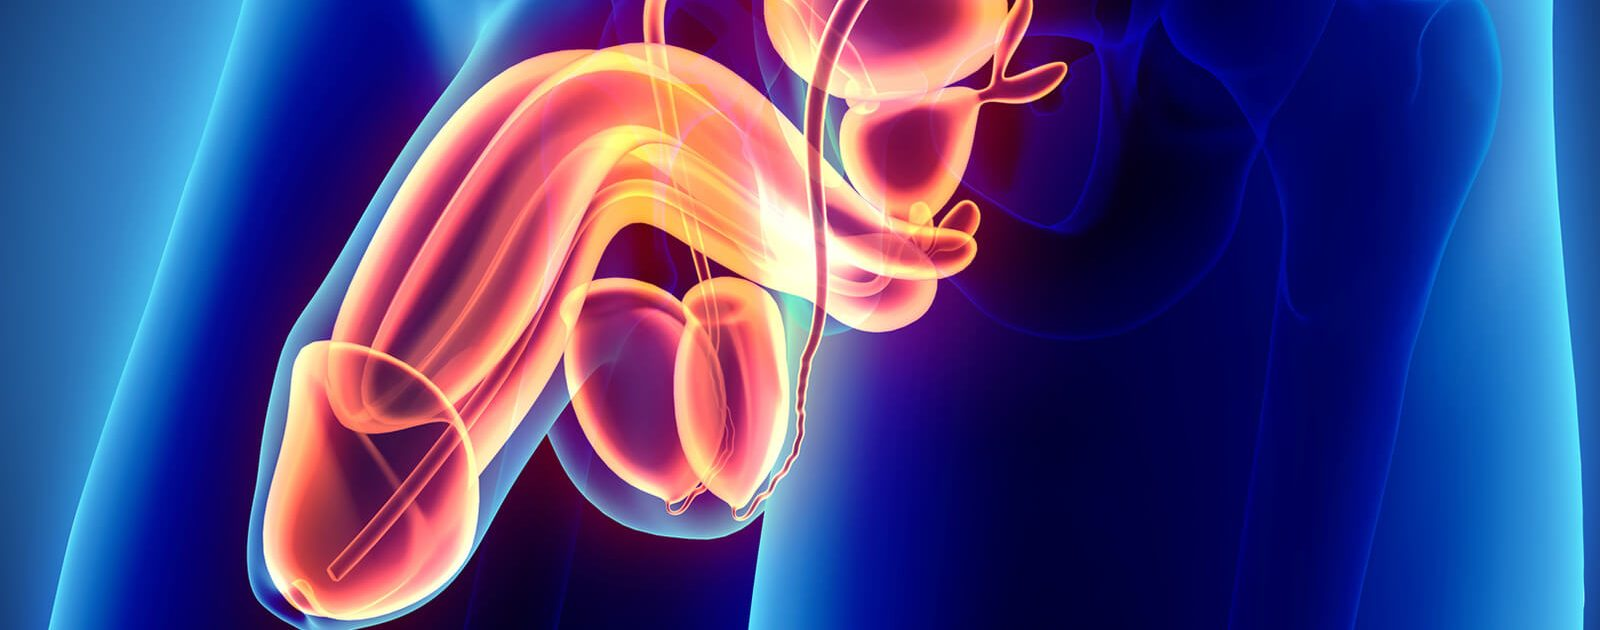 Symbolbild für Penis- und Hodenerkrankungen